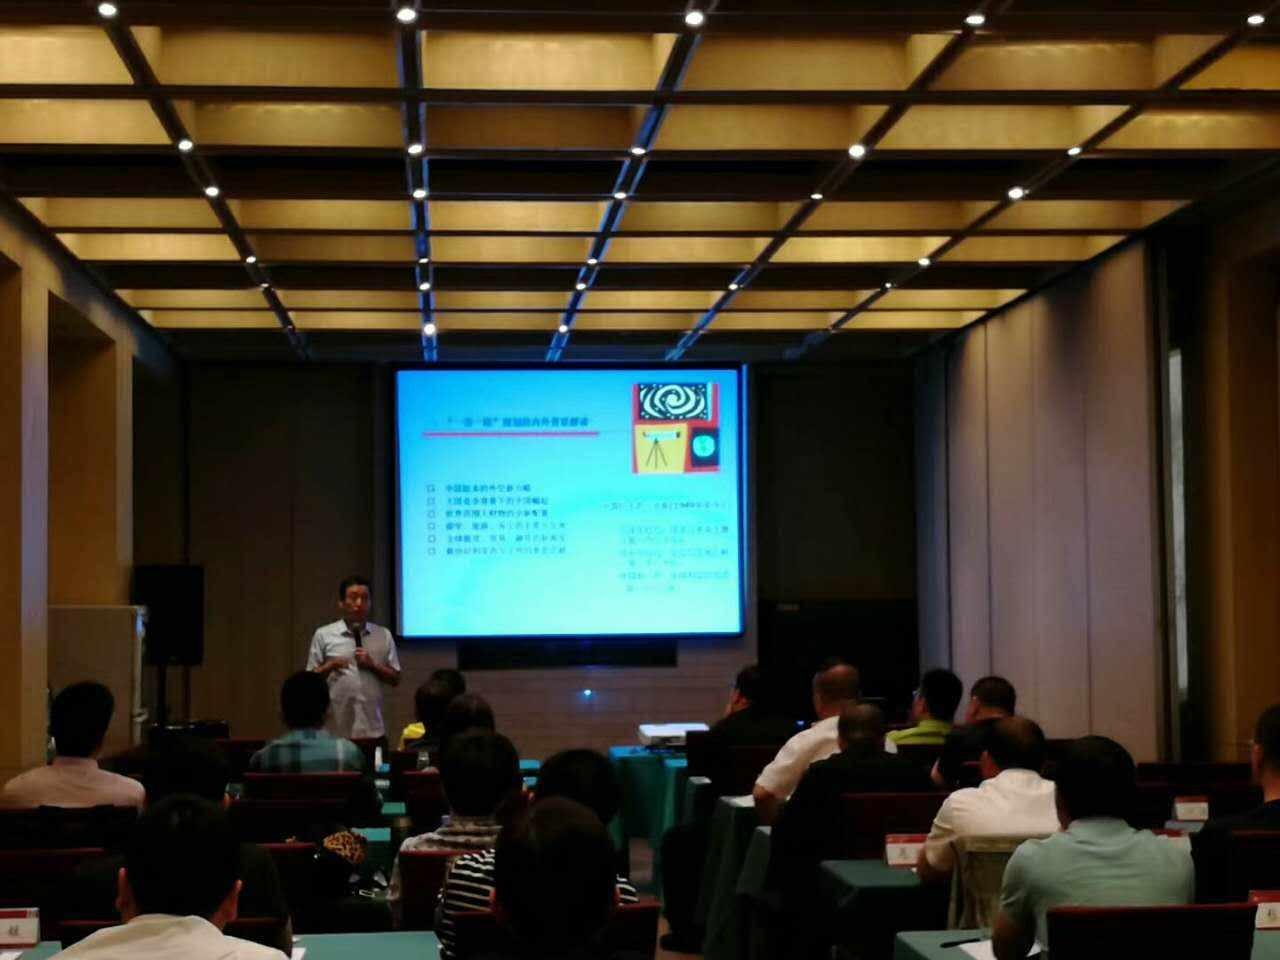 北京大學商業領袖EMBA課程班上課集錦